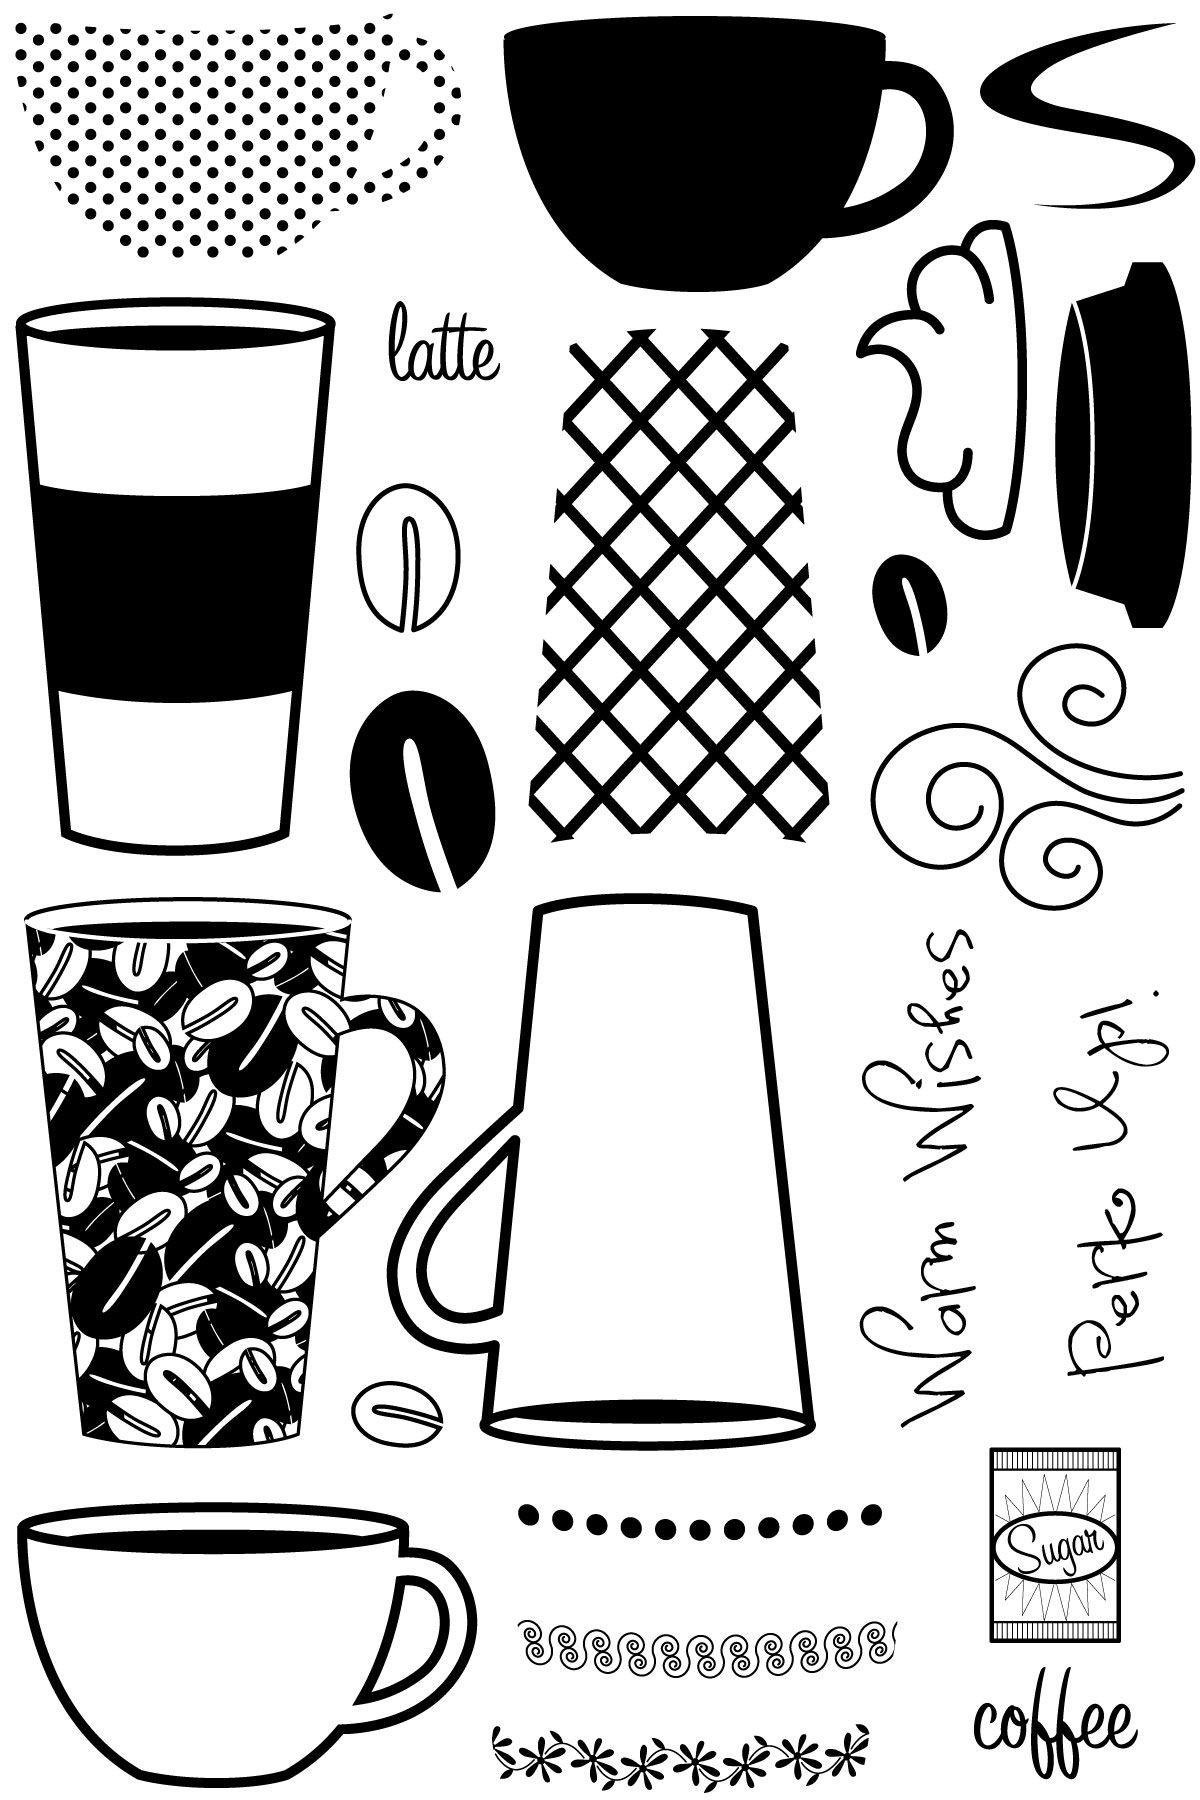 Cute coffee cups.   cake   Pinterest   Kaffee, Silhouetten und Vorlagen